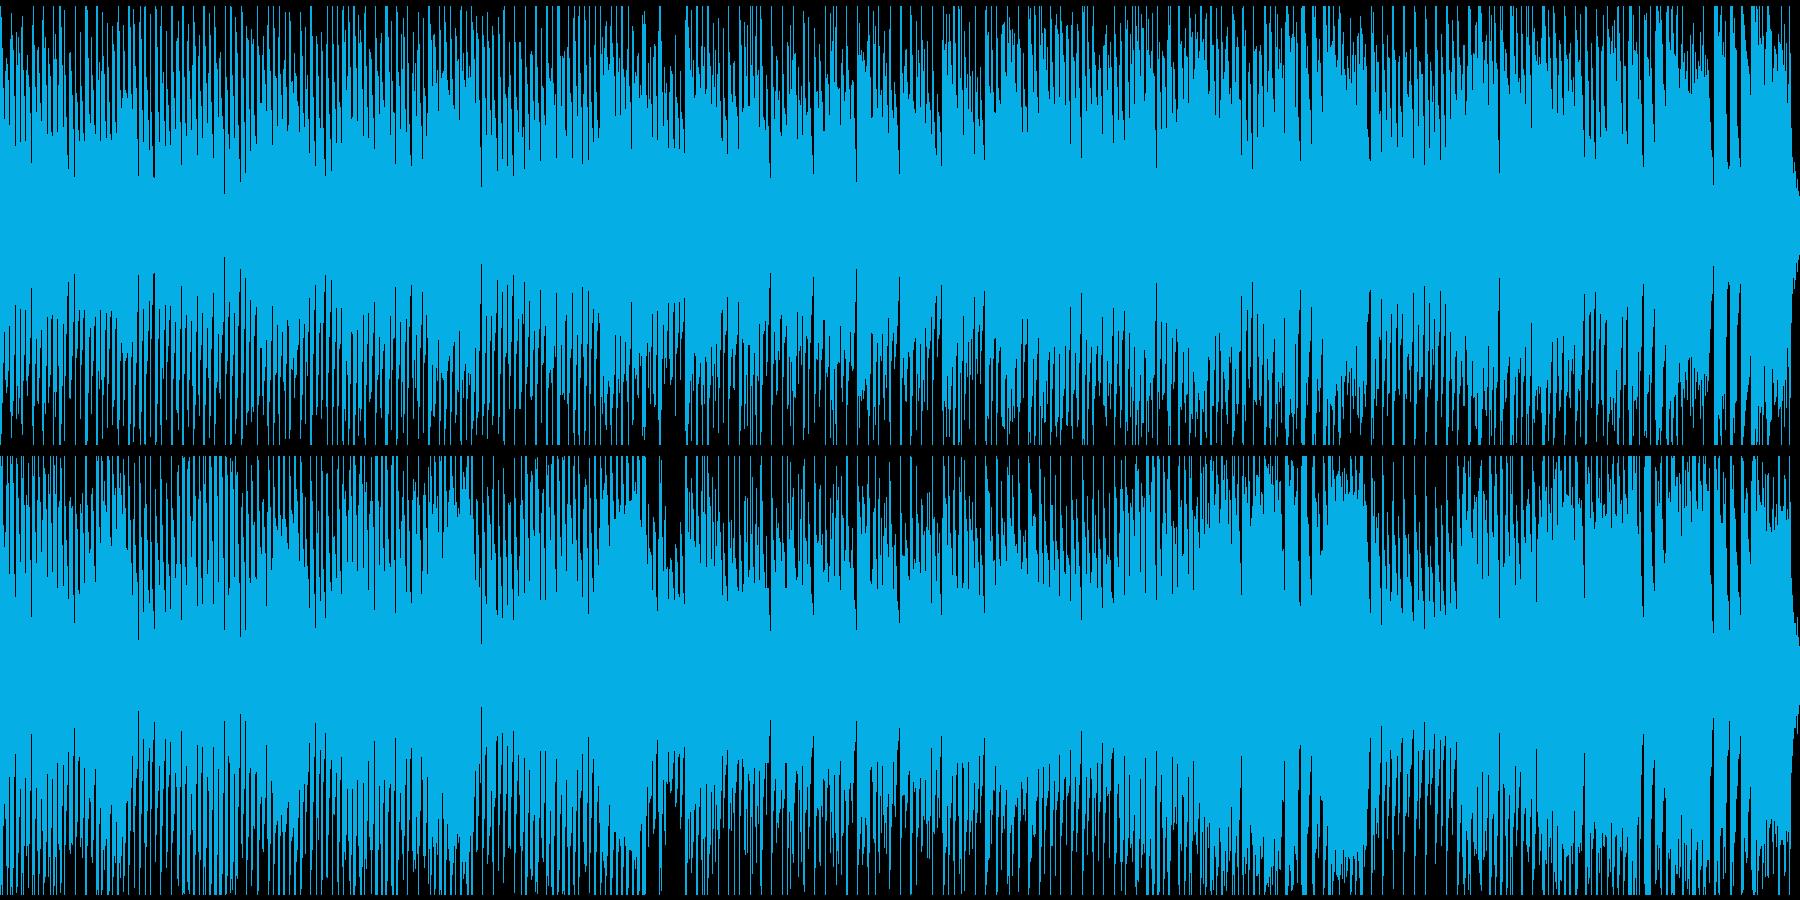 草原に合いそうな元気なポップス(ループ)の再生済みの波形